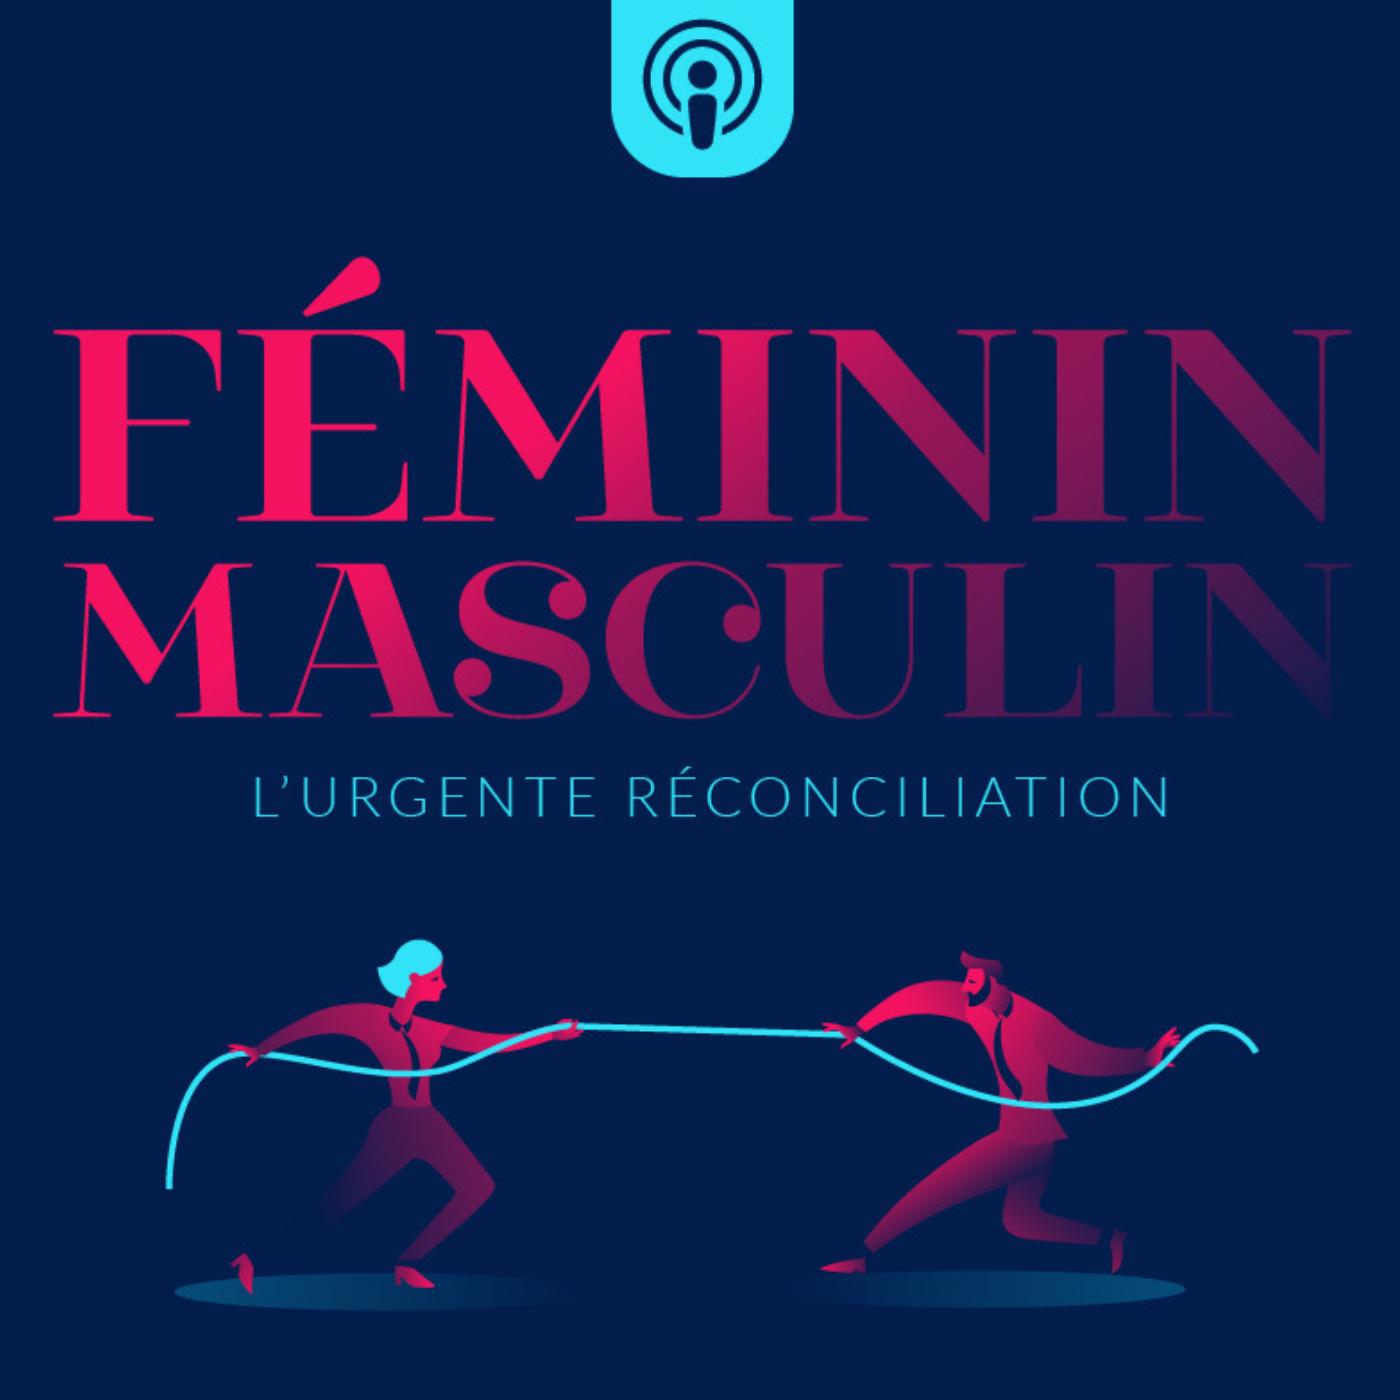 Féminin-Masculin : l'urgente réconciliation